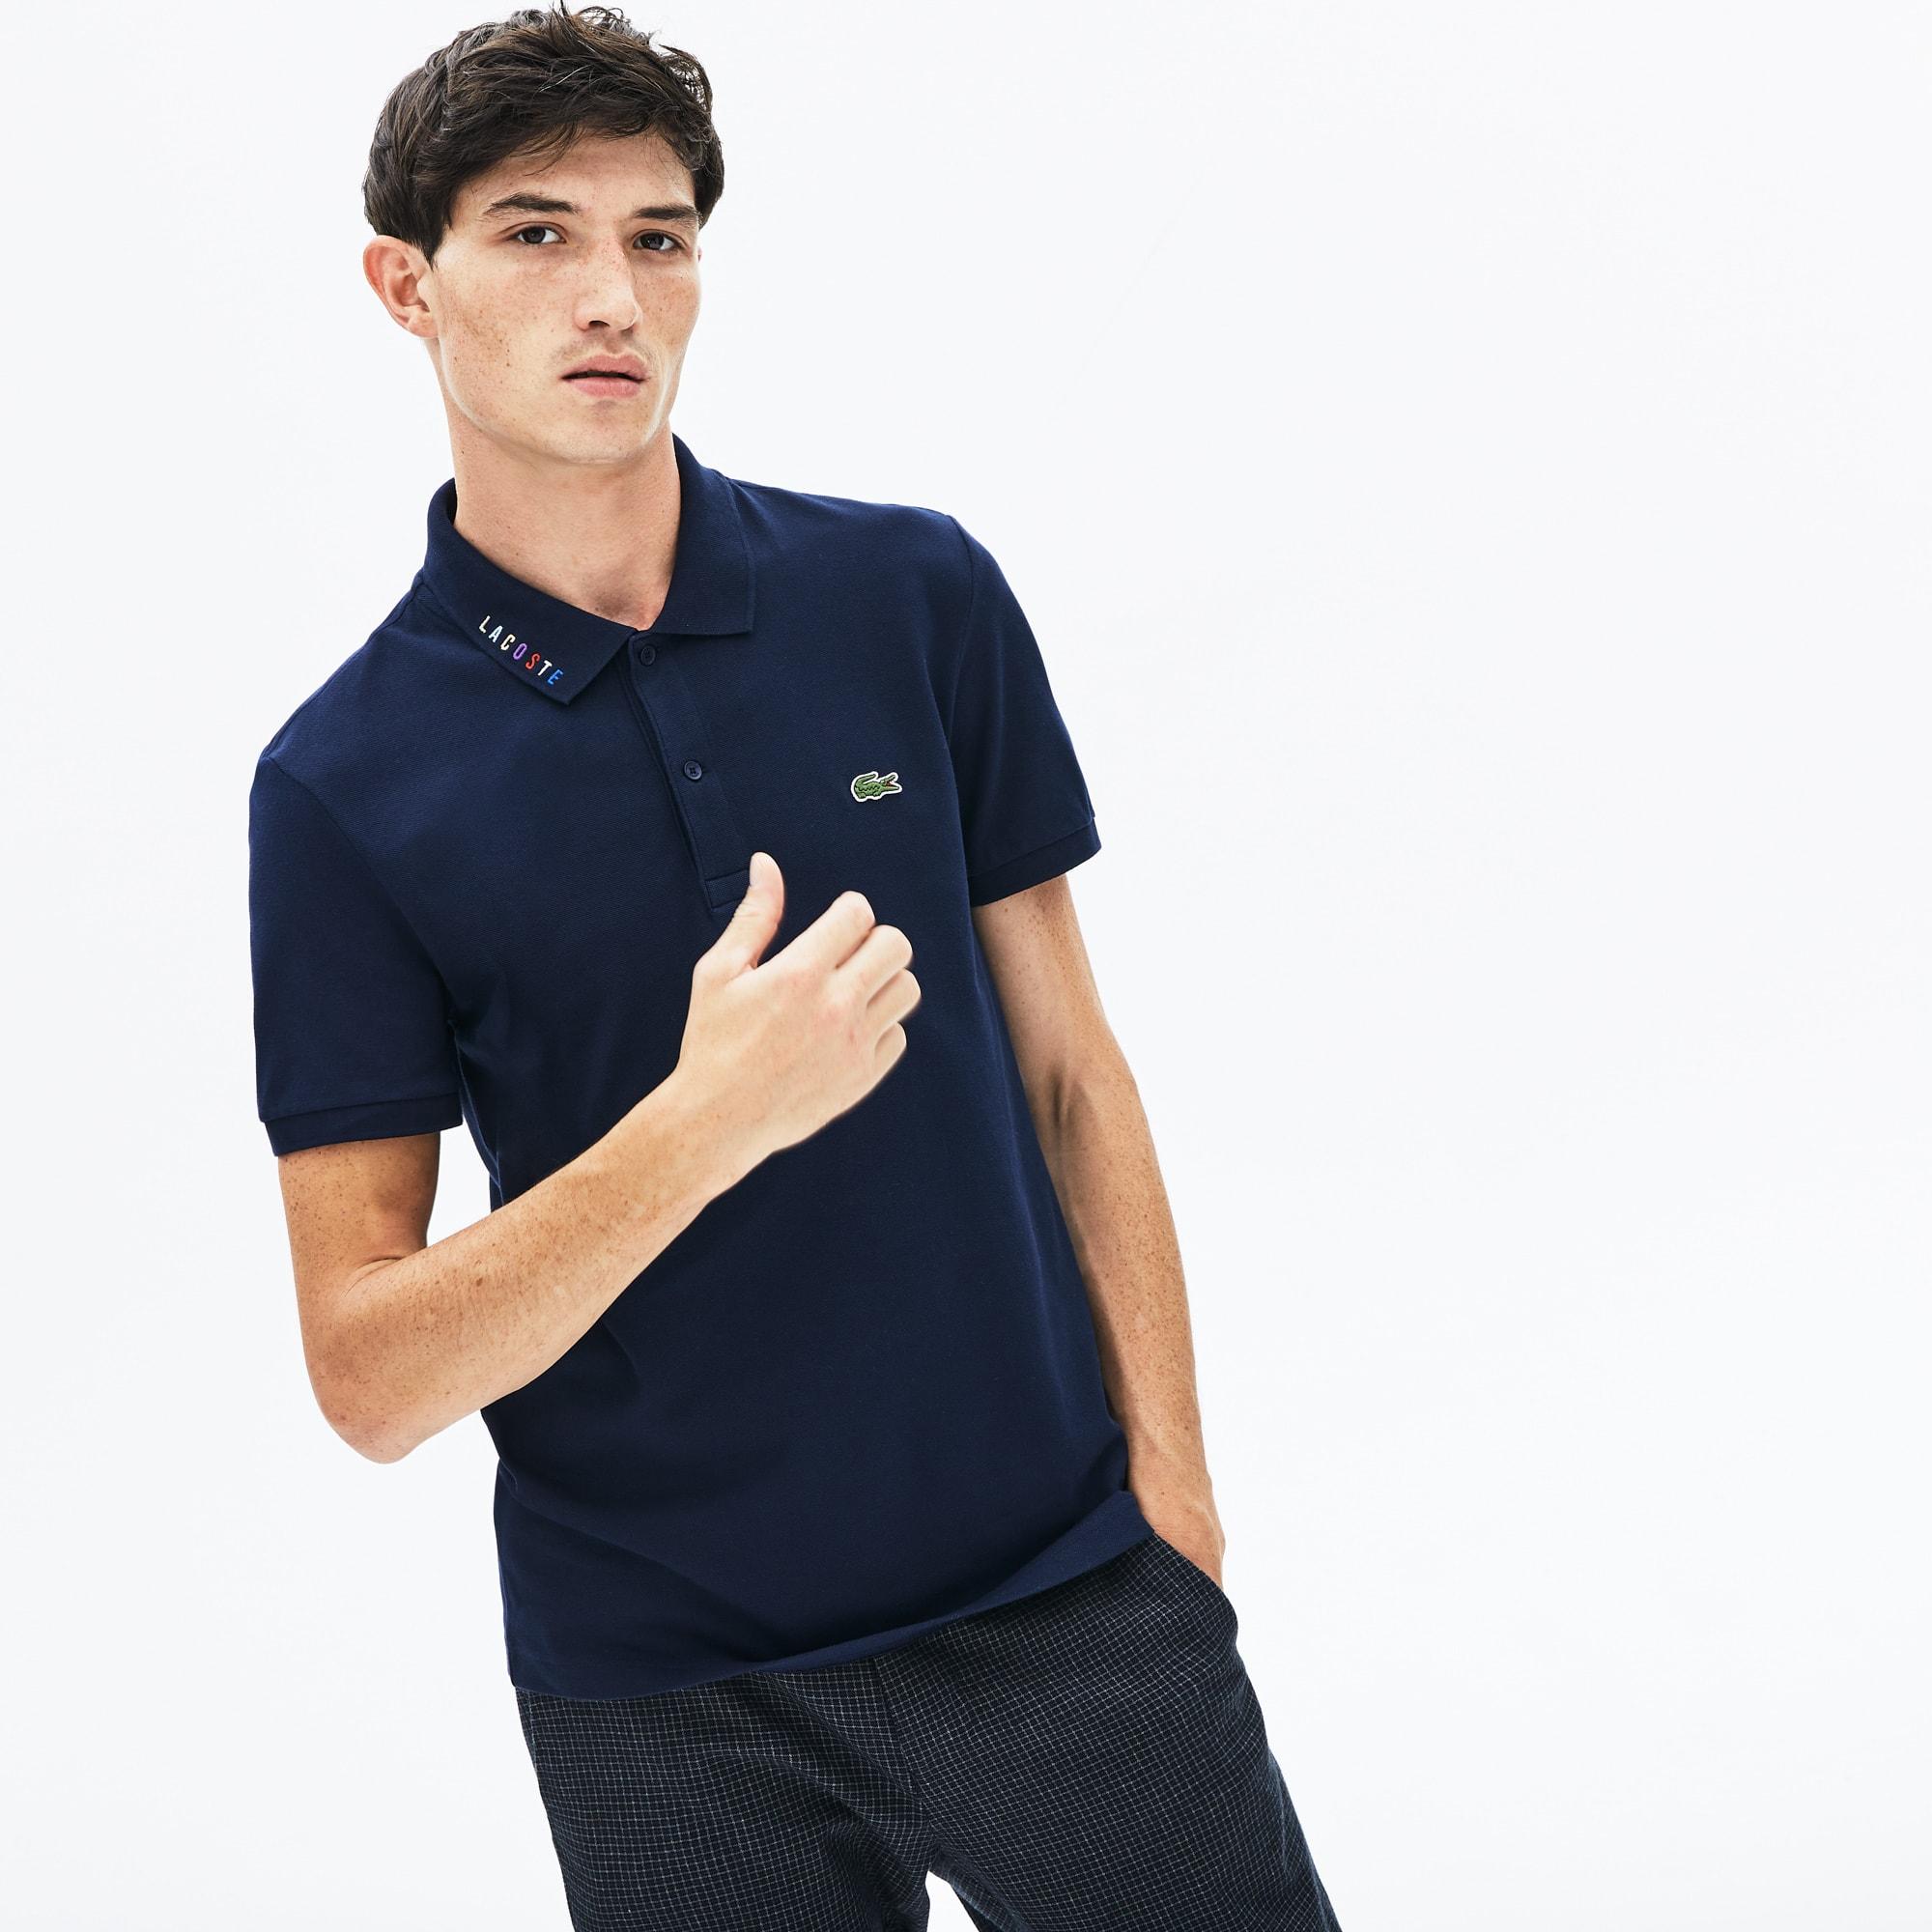 Lacoste Shirt Polo Navy Blue Men/'s Classic Pique Classic Cotton Fit 100/% Elegant